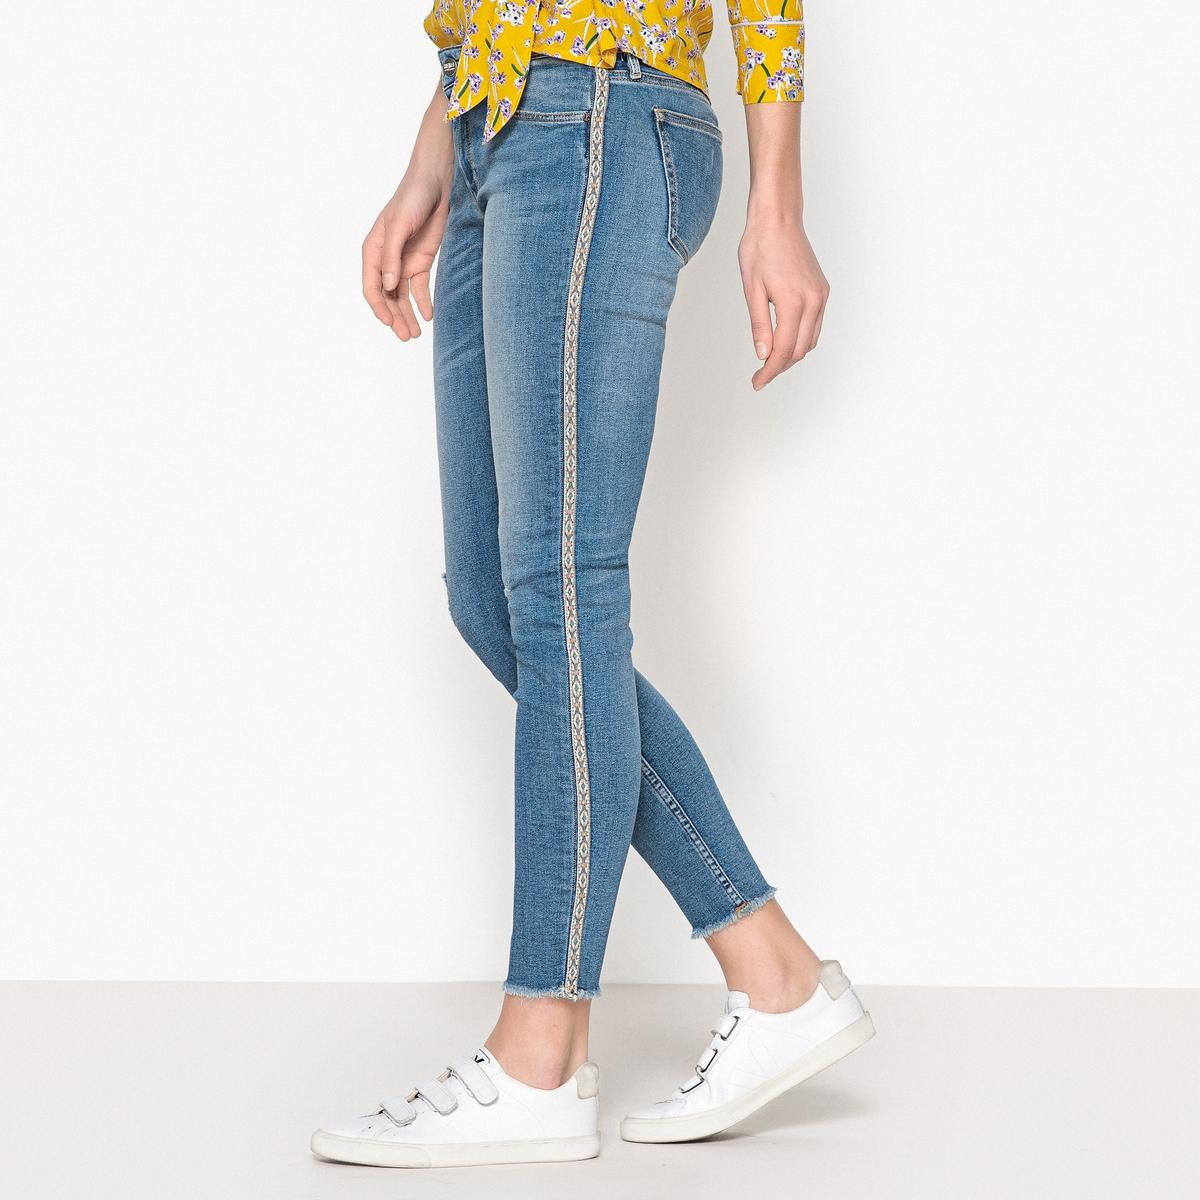 Джинсы-скинни укороченные LILY HERRING current elliott укороченные джинсы скинни